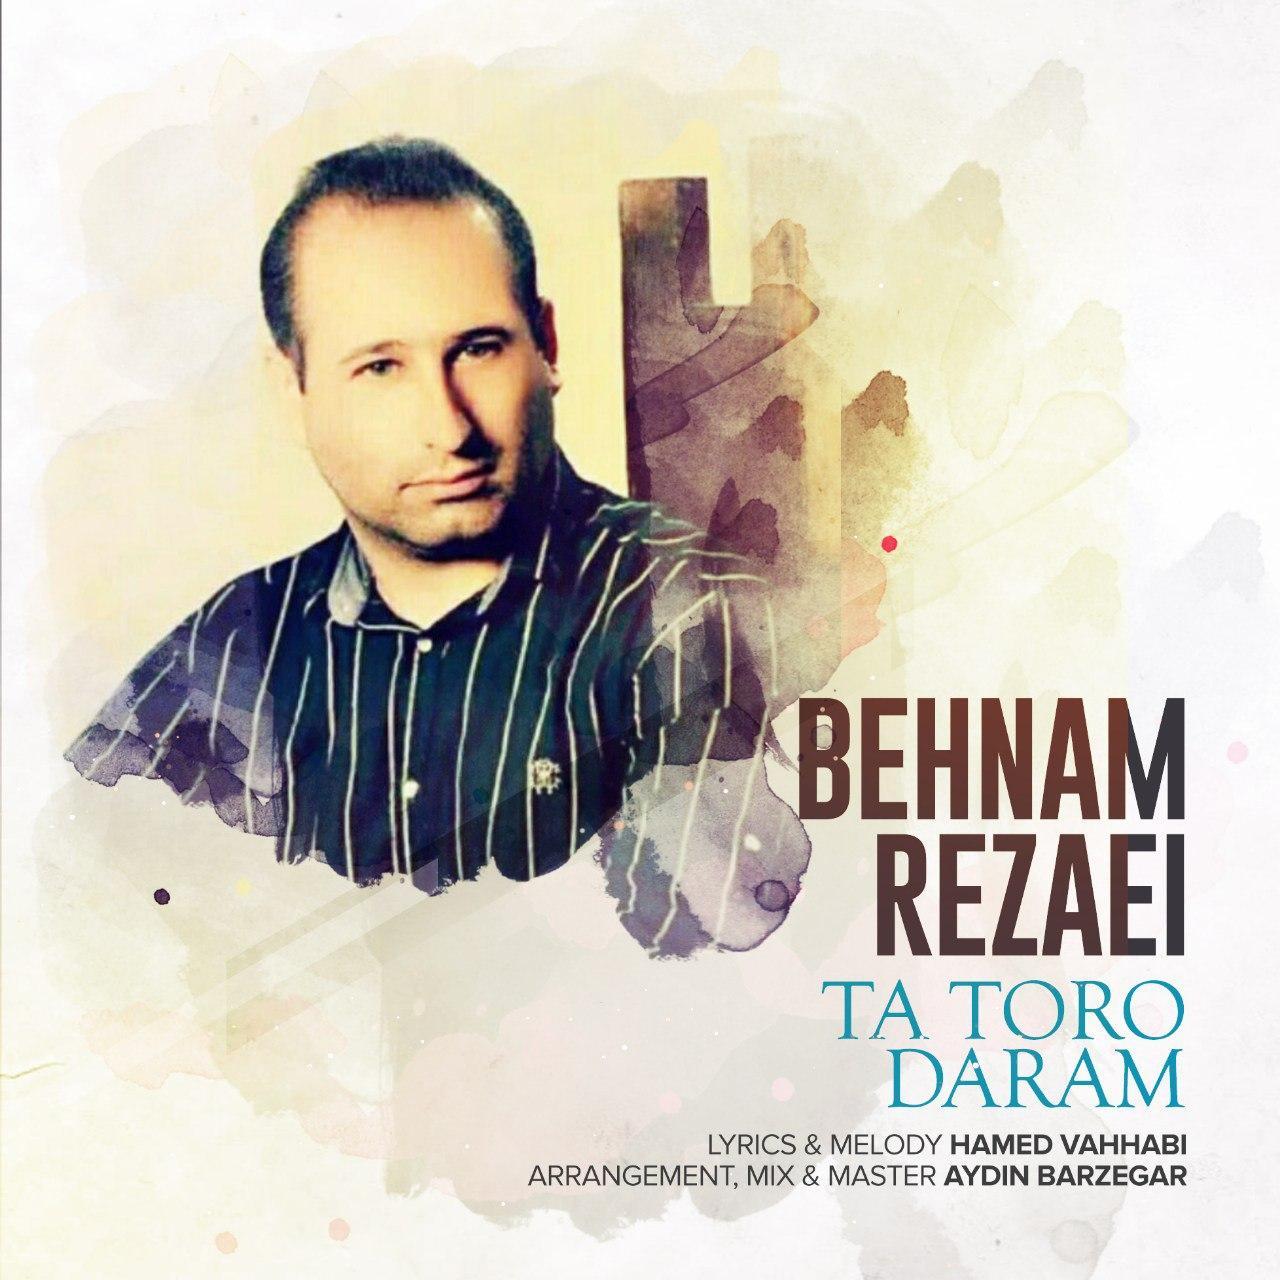 Behnam Rezaei – Ta Toro Daram